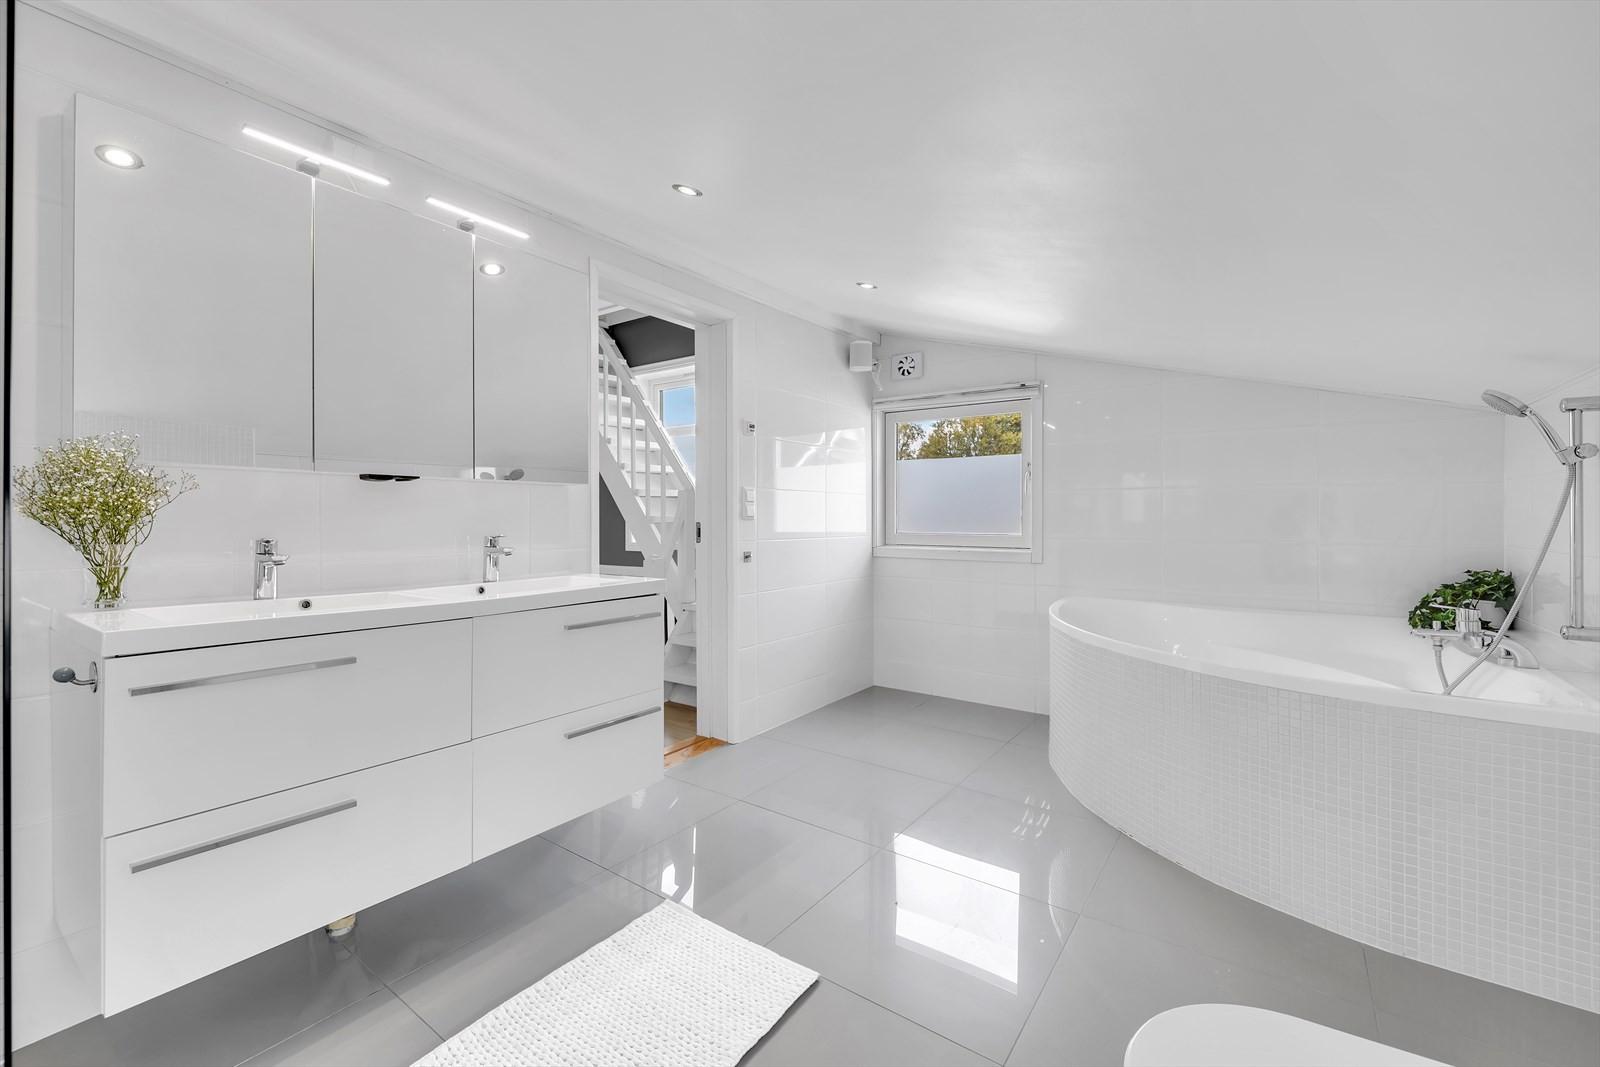 Hovedbadet er plassert i 2. etasje sammen med soverommene